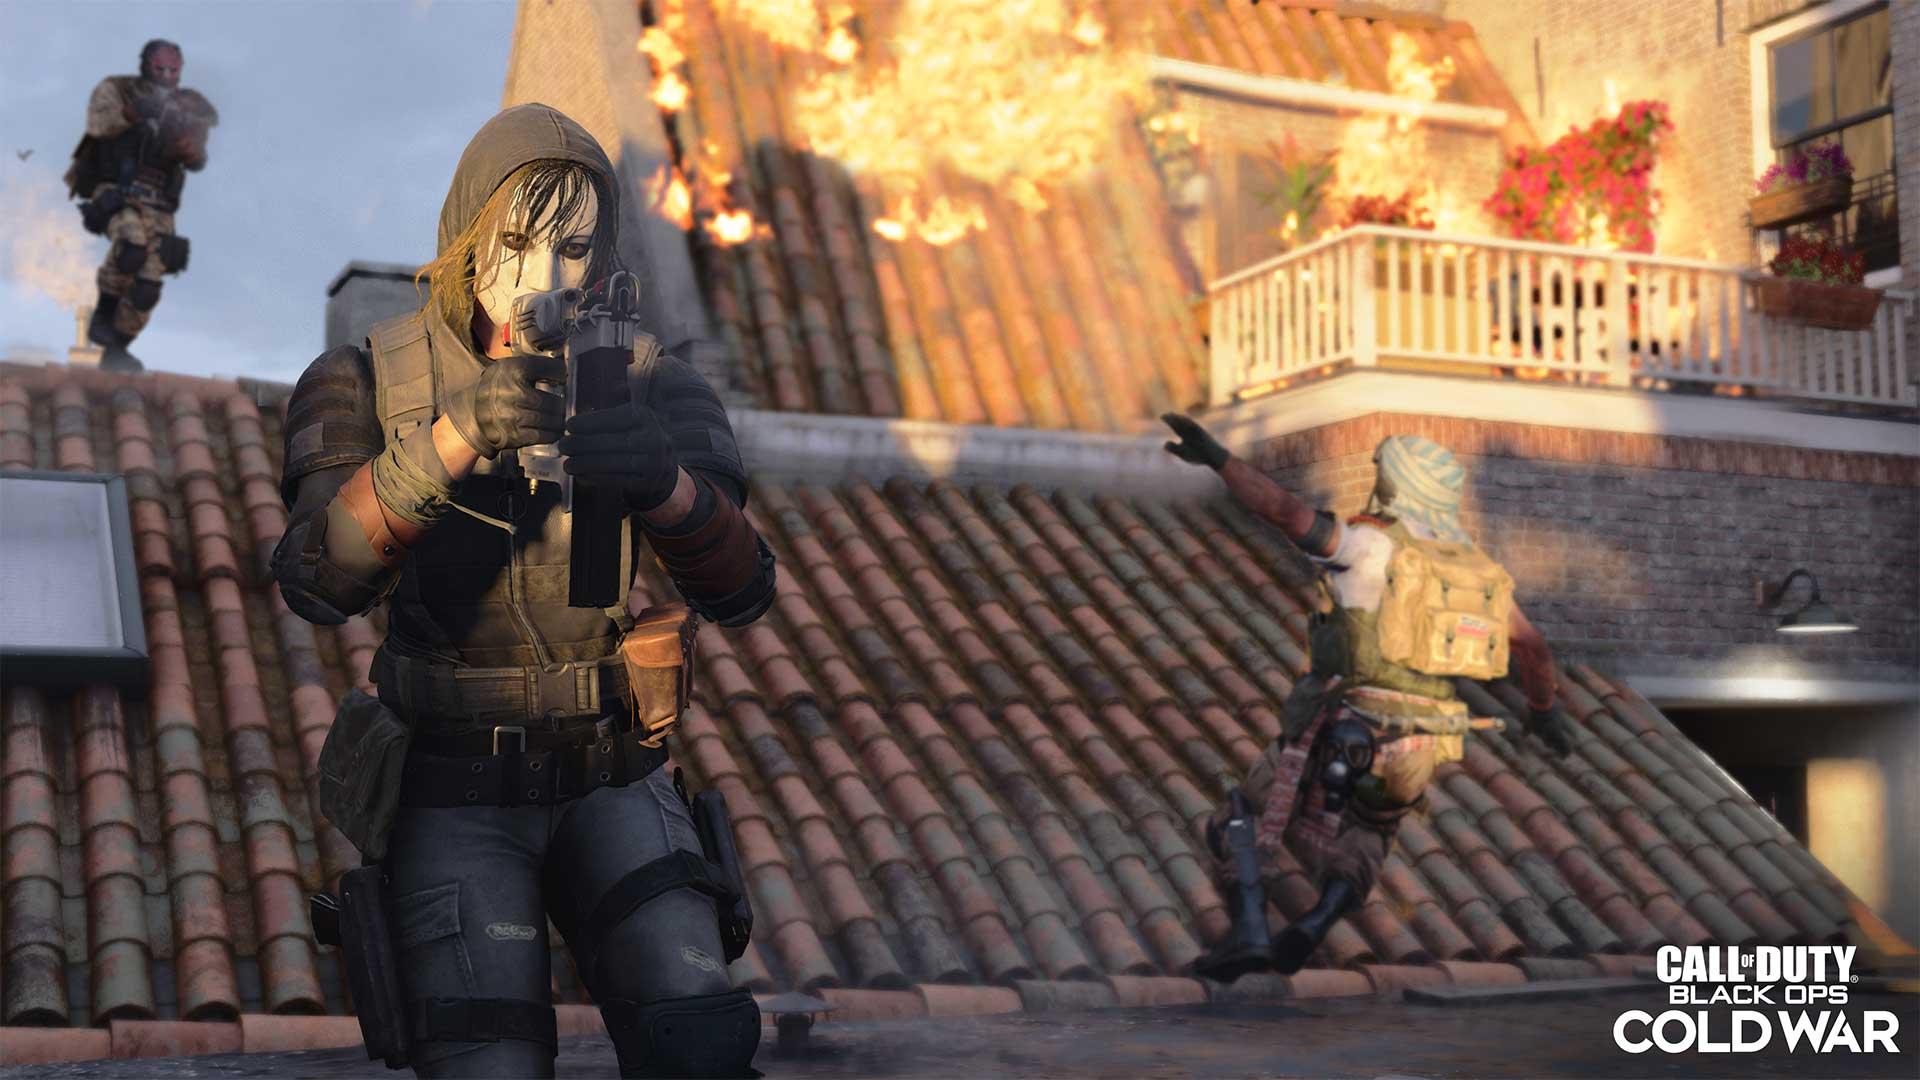 An Operator on a roof takes aim with their new Naaaaaaaail Gun